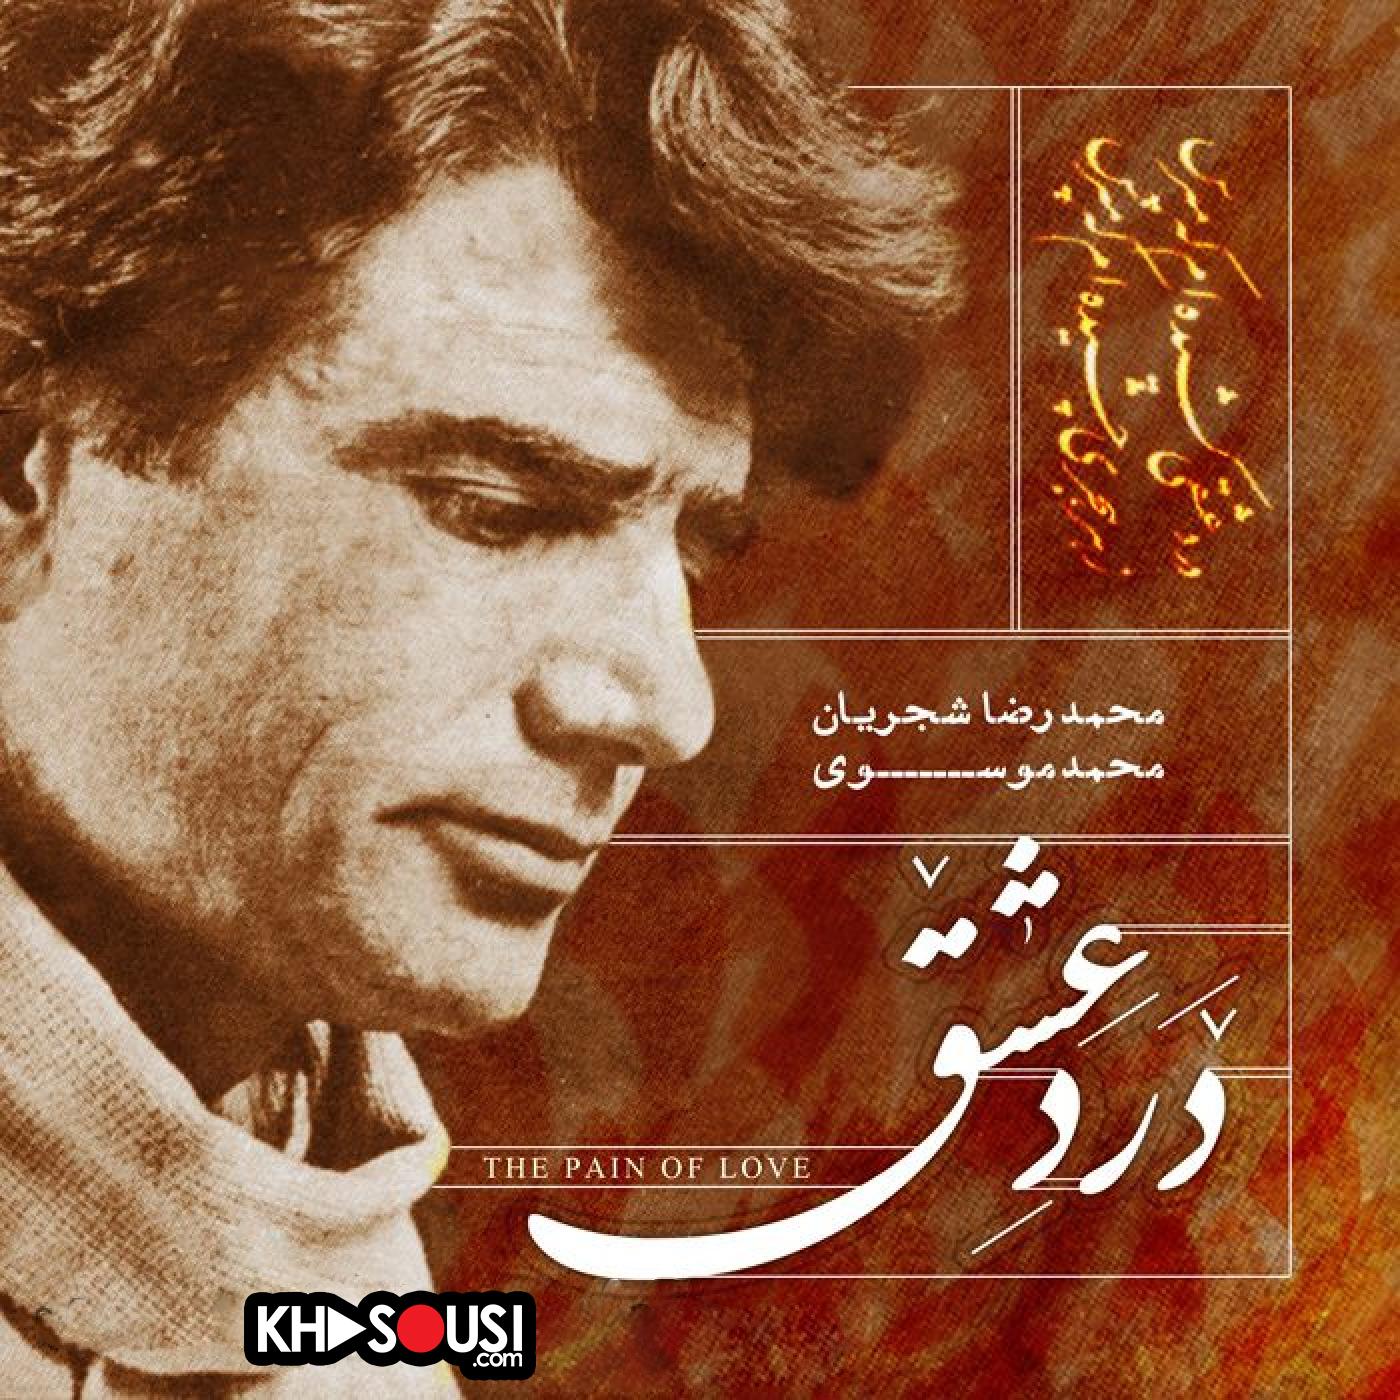 درد عشق - اجرای خصوصی محمدرضا شجریان و محمد موسوی - ماهور